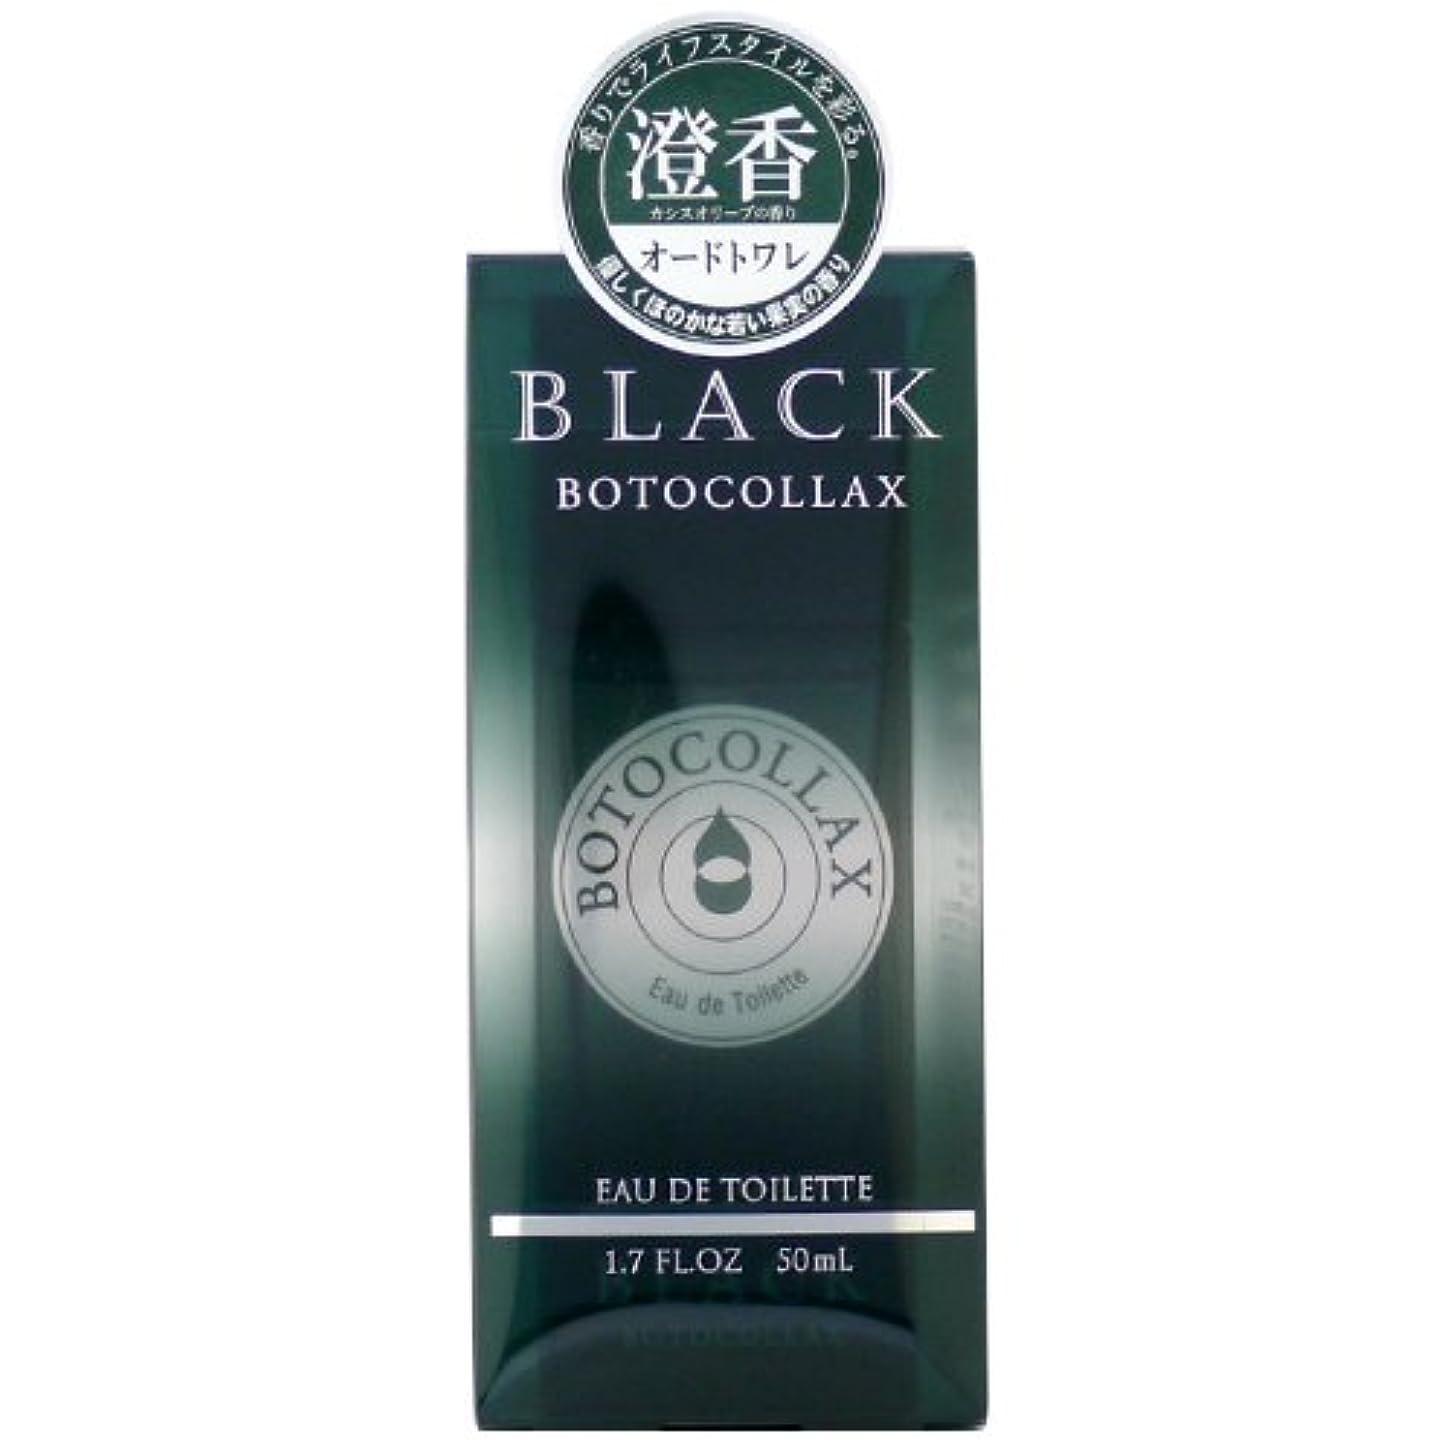 祝う刺します守るボトコラックス BOTOCOLLAX ブラック オリーブ 50ml EDT SP オードトワレスプレー